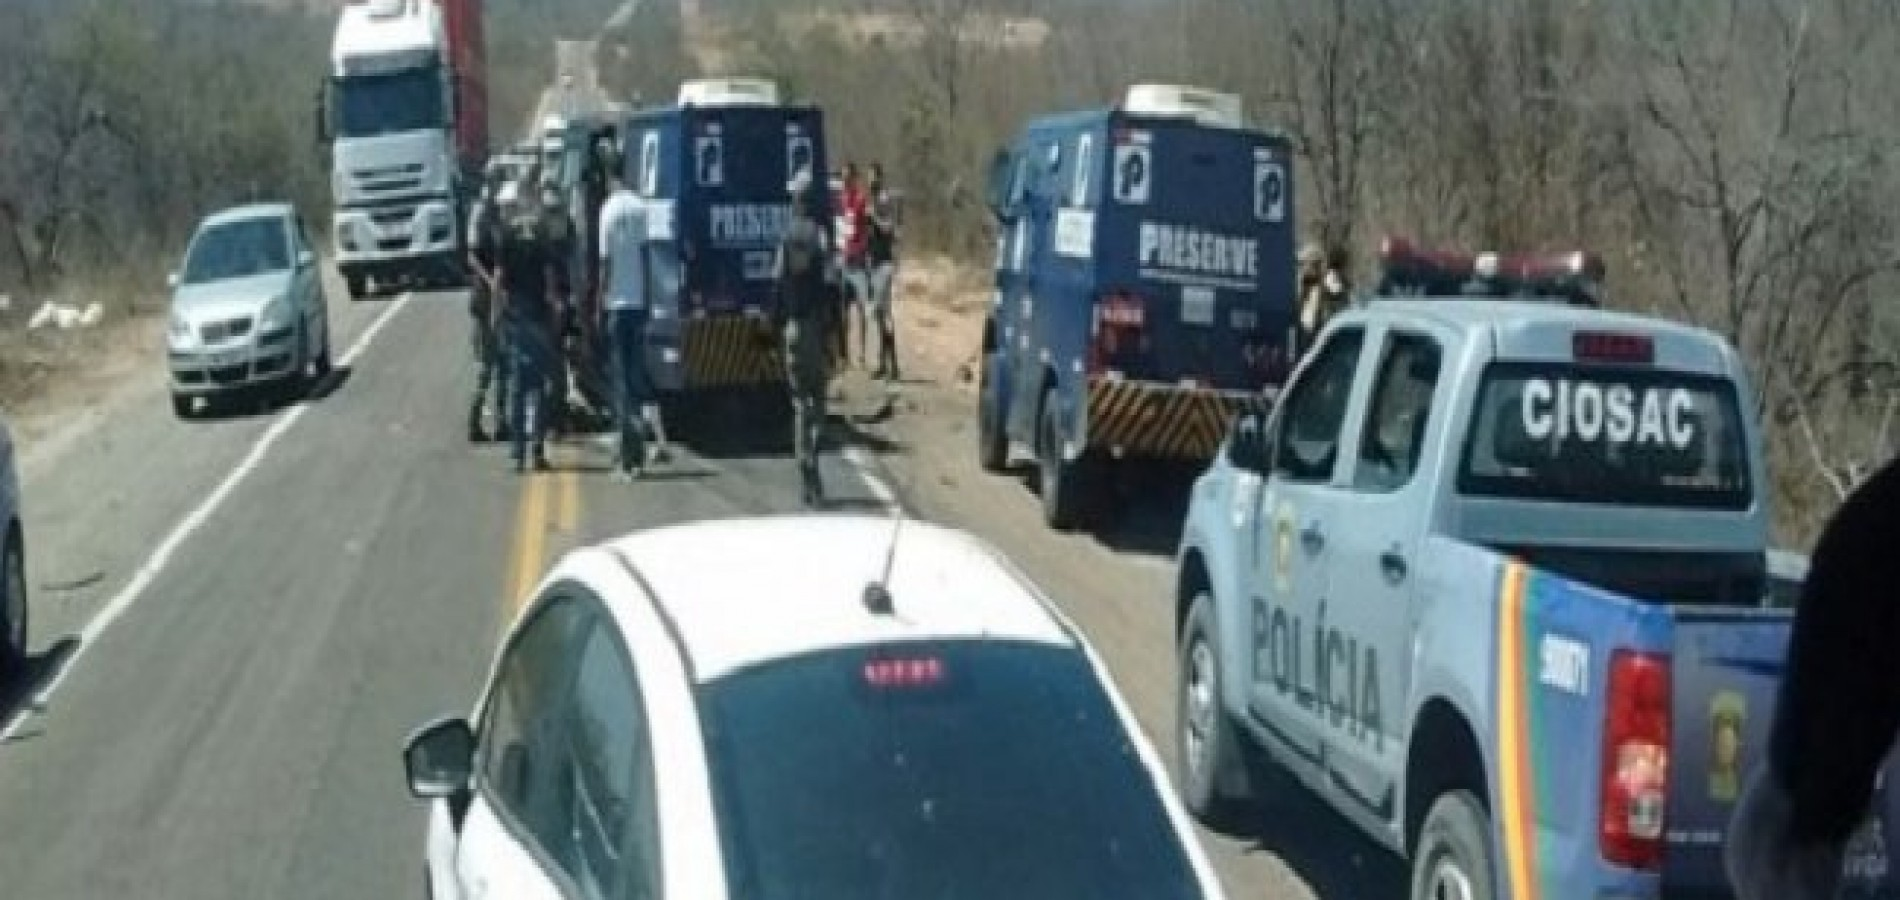 Bandidos explodem carro forte e matam PM na BR-116 no Sertão do Pernambuco